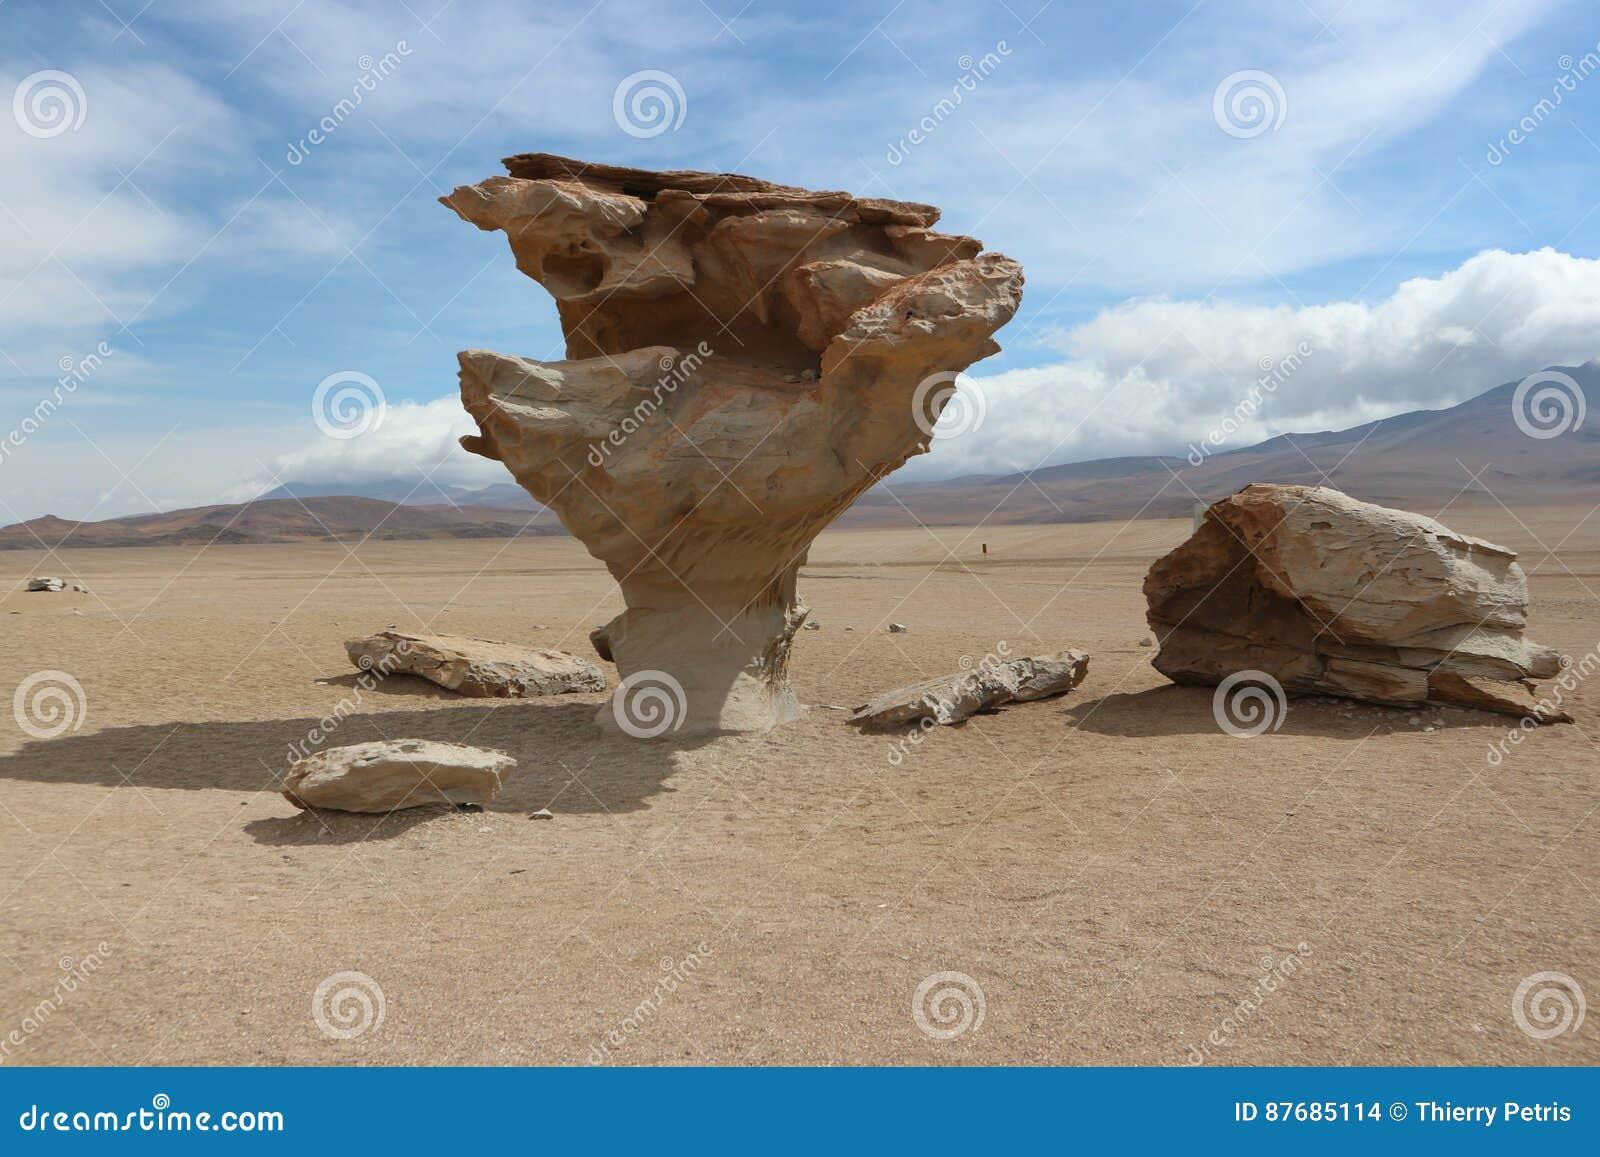 Arbol de Piedra, deserto de Atacama - árvore de pedra